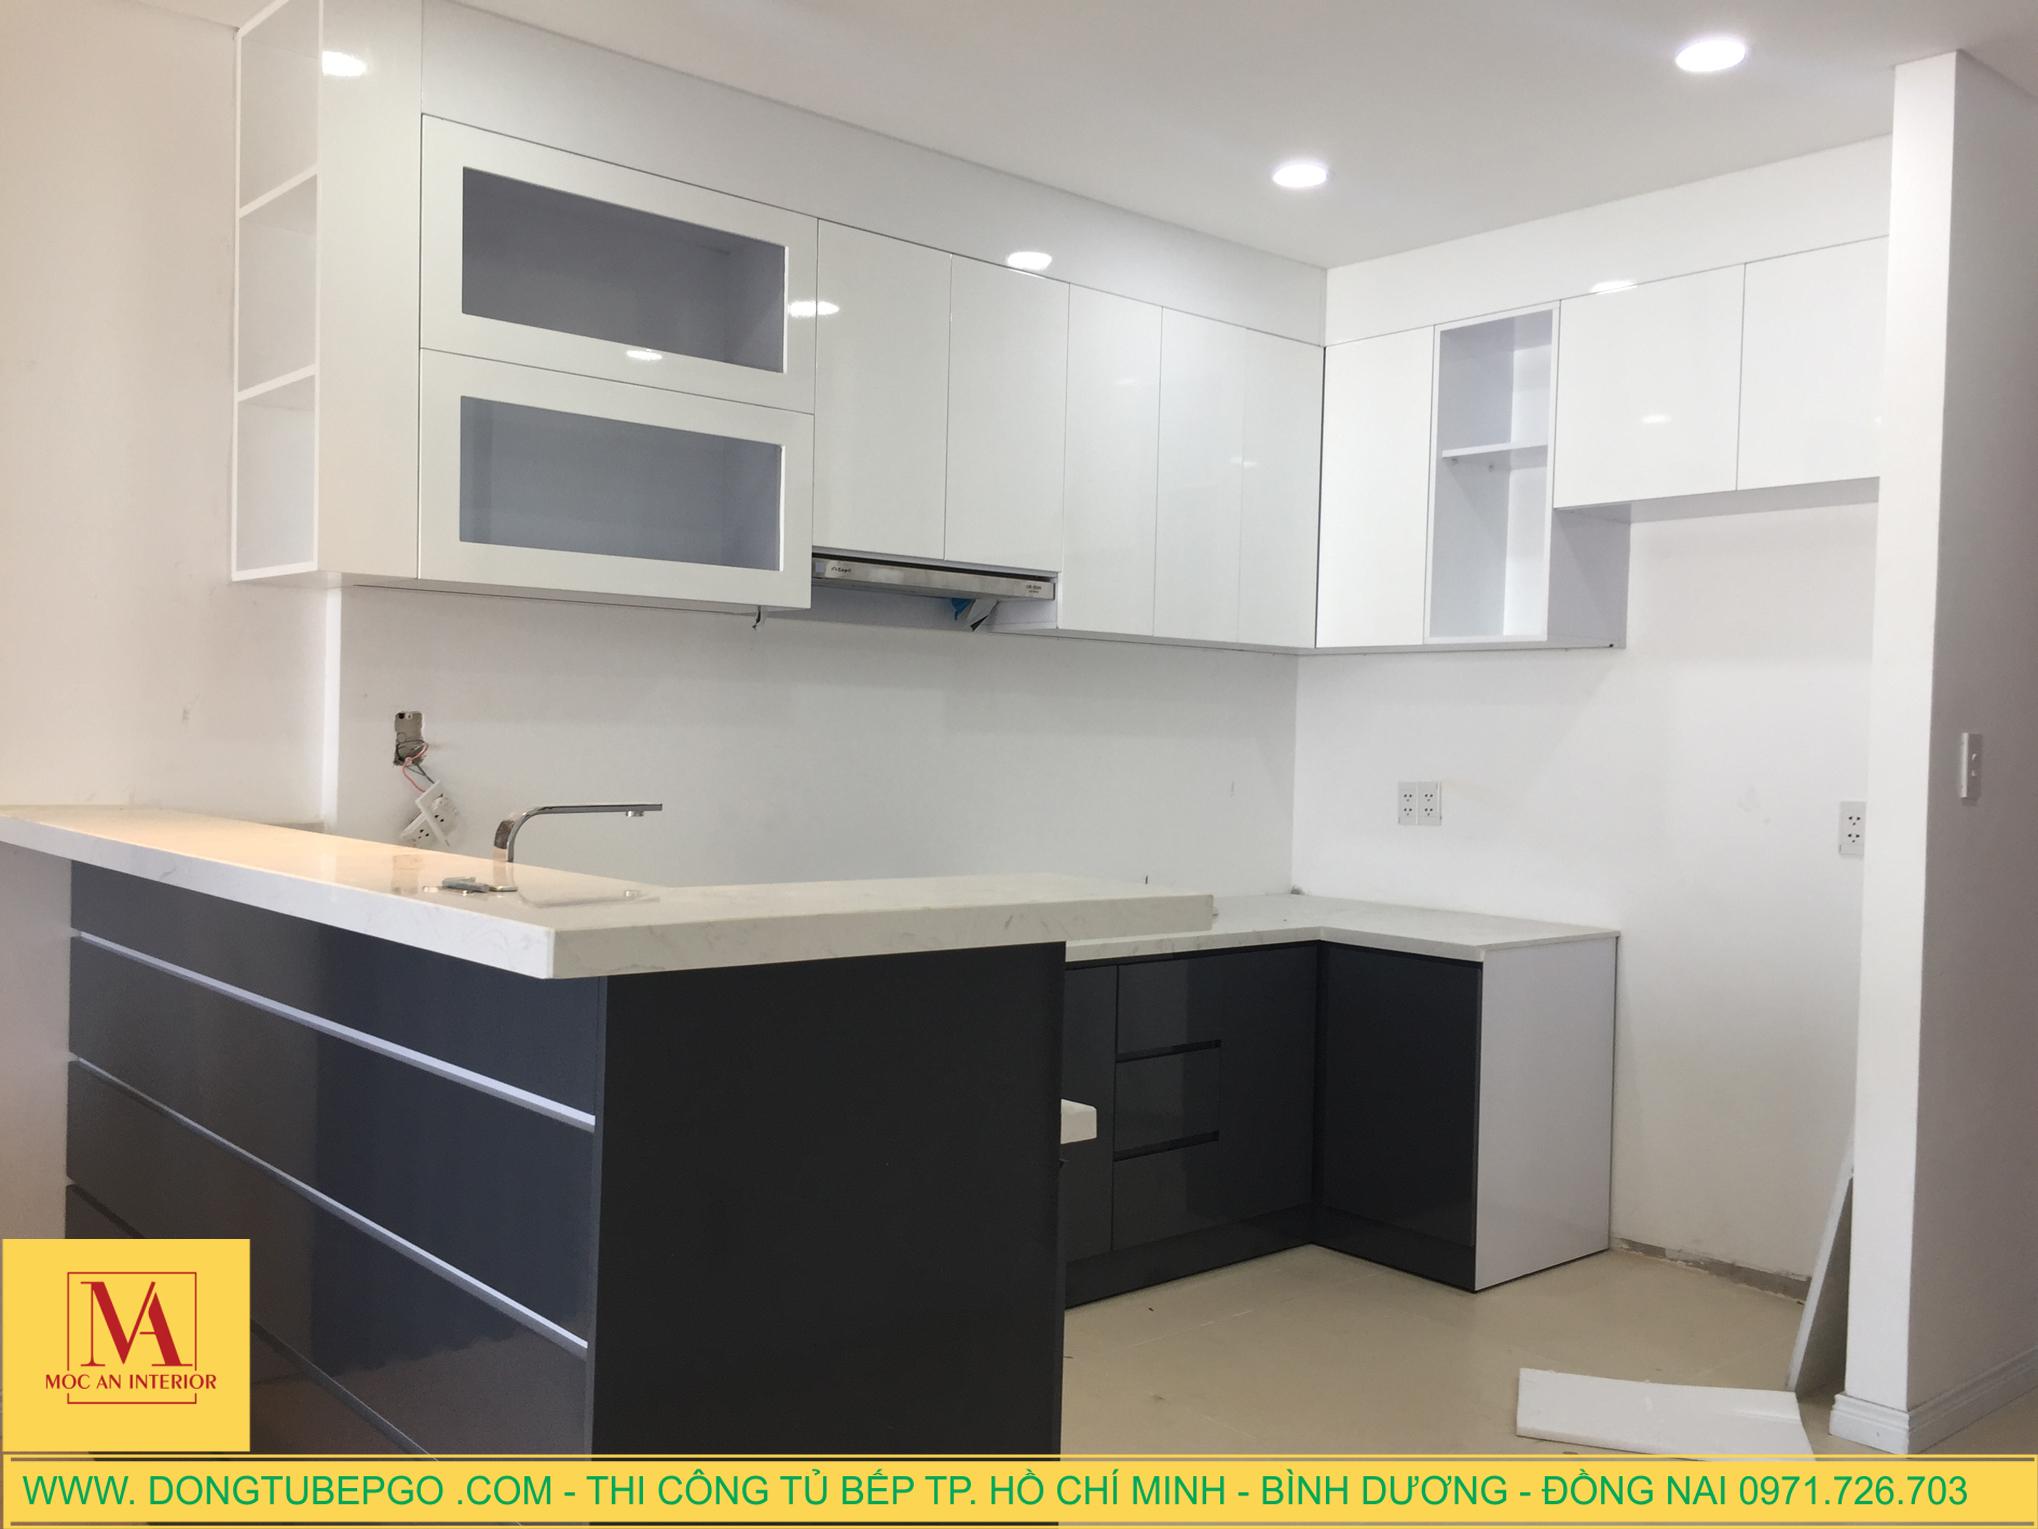 xưởng thi công đồ nội thất, tủ bếp chuyên nghiệp ở Tp.HCM